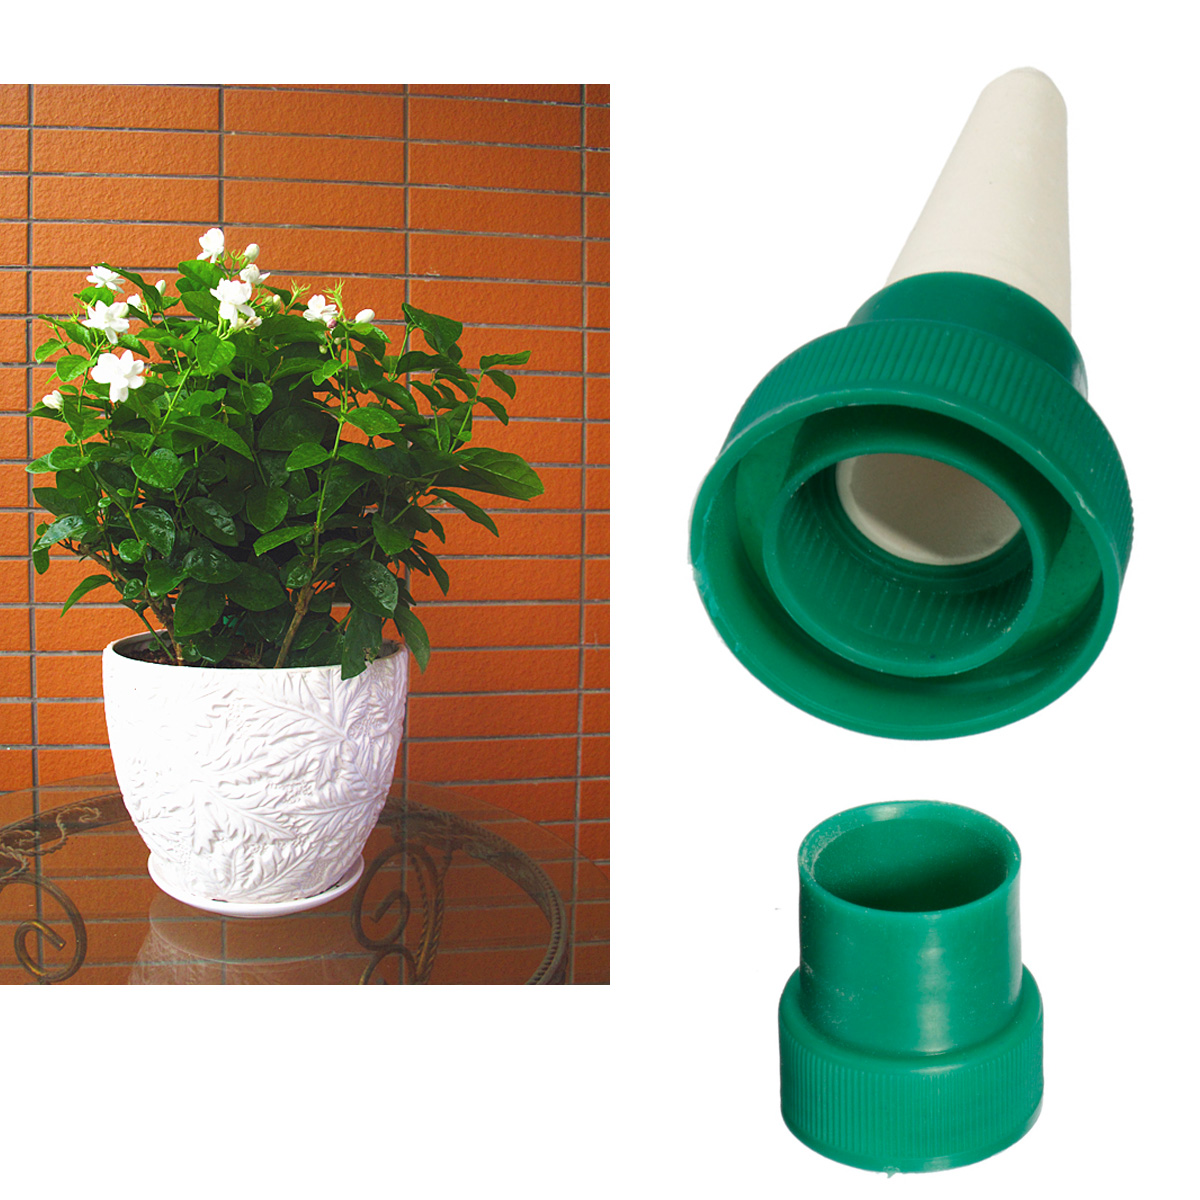 2pcs pflanz blumen automatisch bew sserung wasser spender kegel gie kanne urlaub ebay. Black Bedroom Furniture Sets. Home Design Ideas